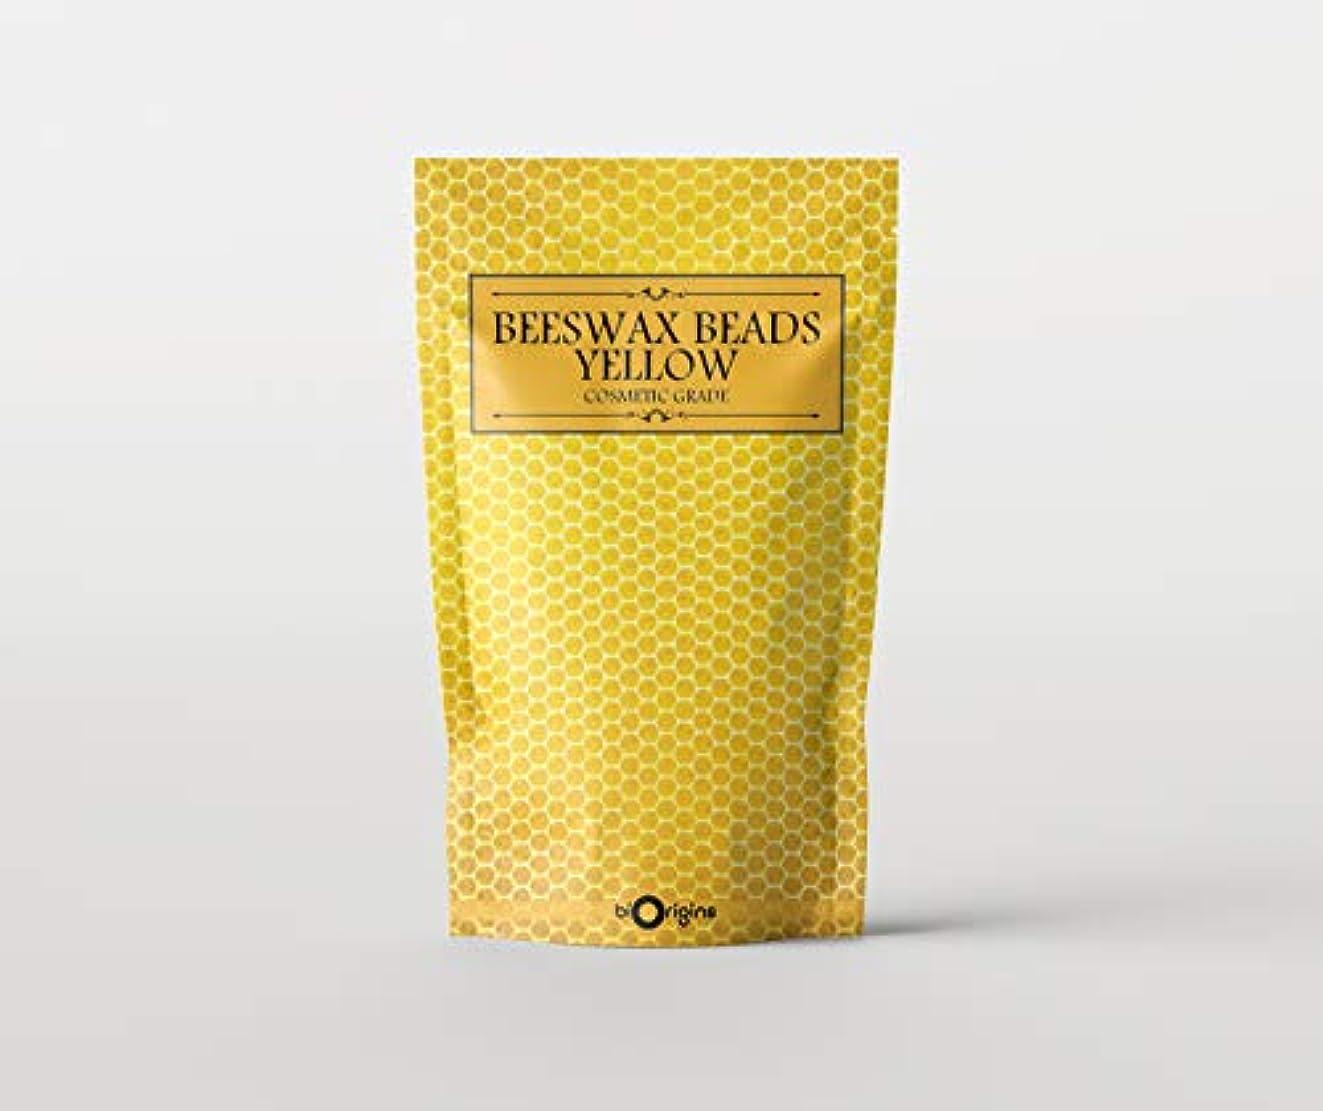 バックグラウンドフィクションカウンタBeeswax Beads Yellow - Cosmetic Grade - 500g